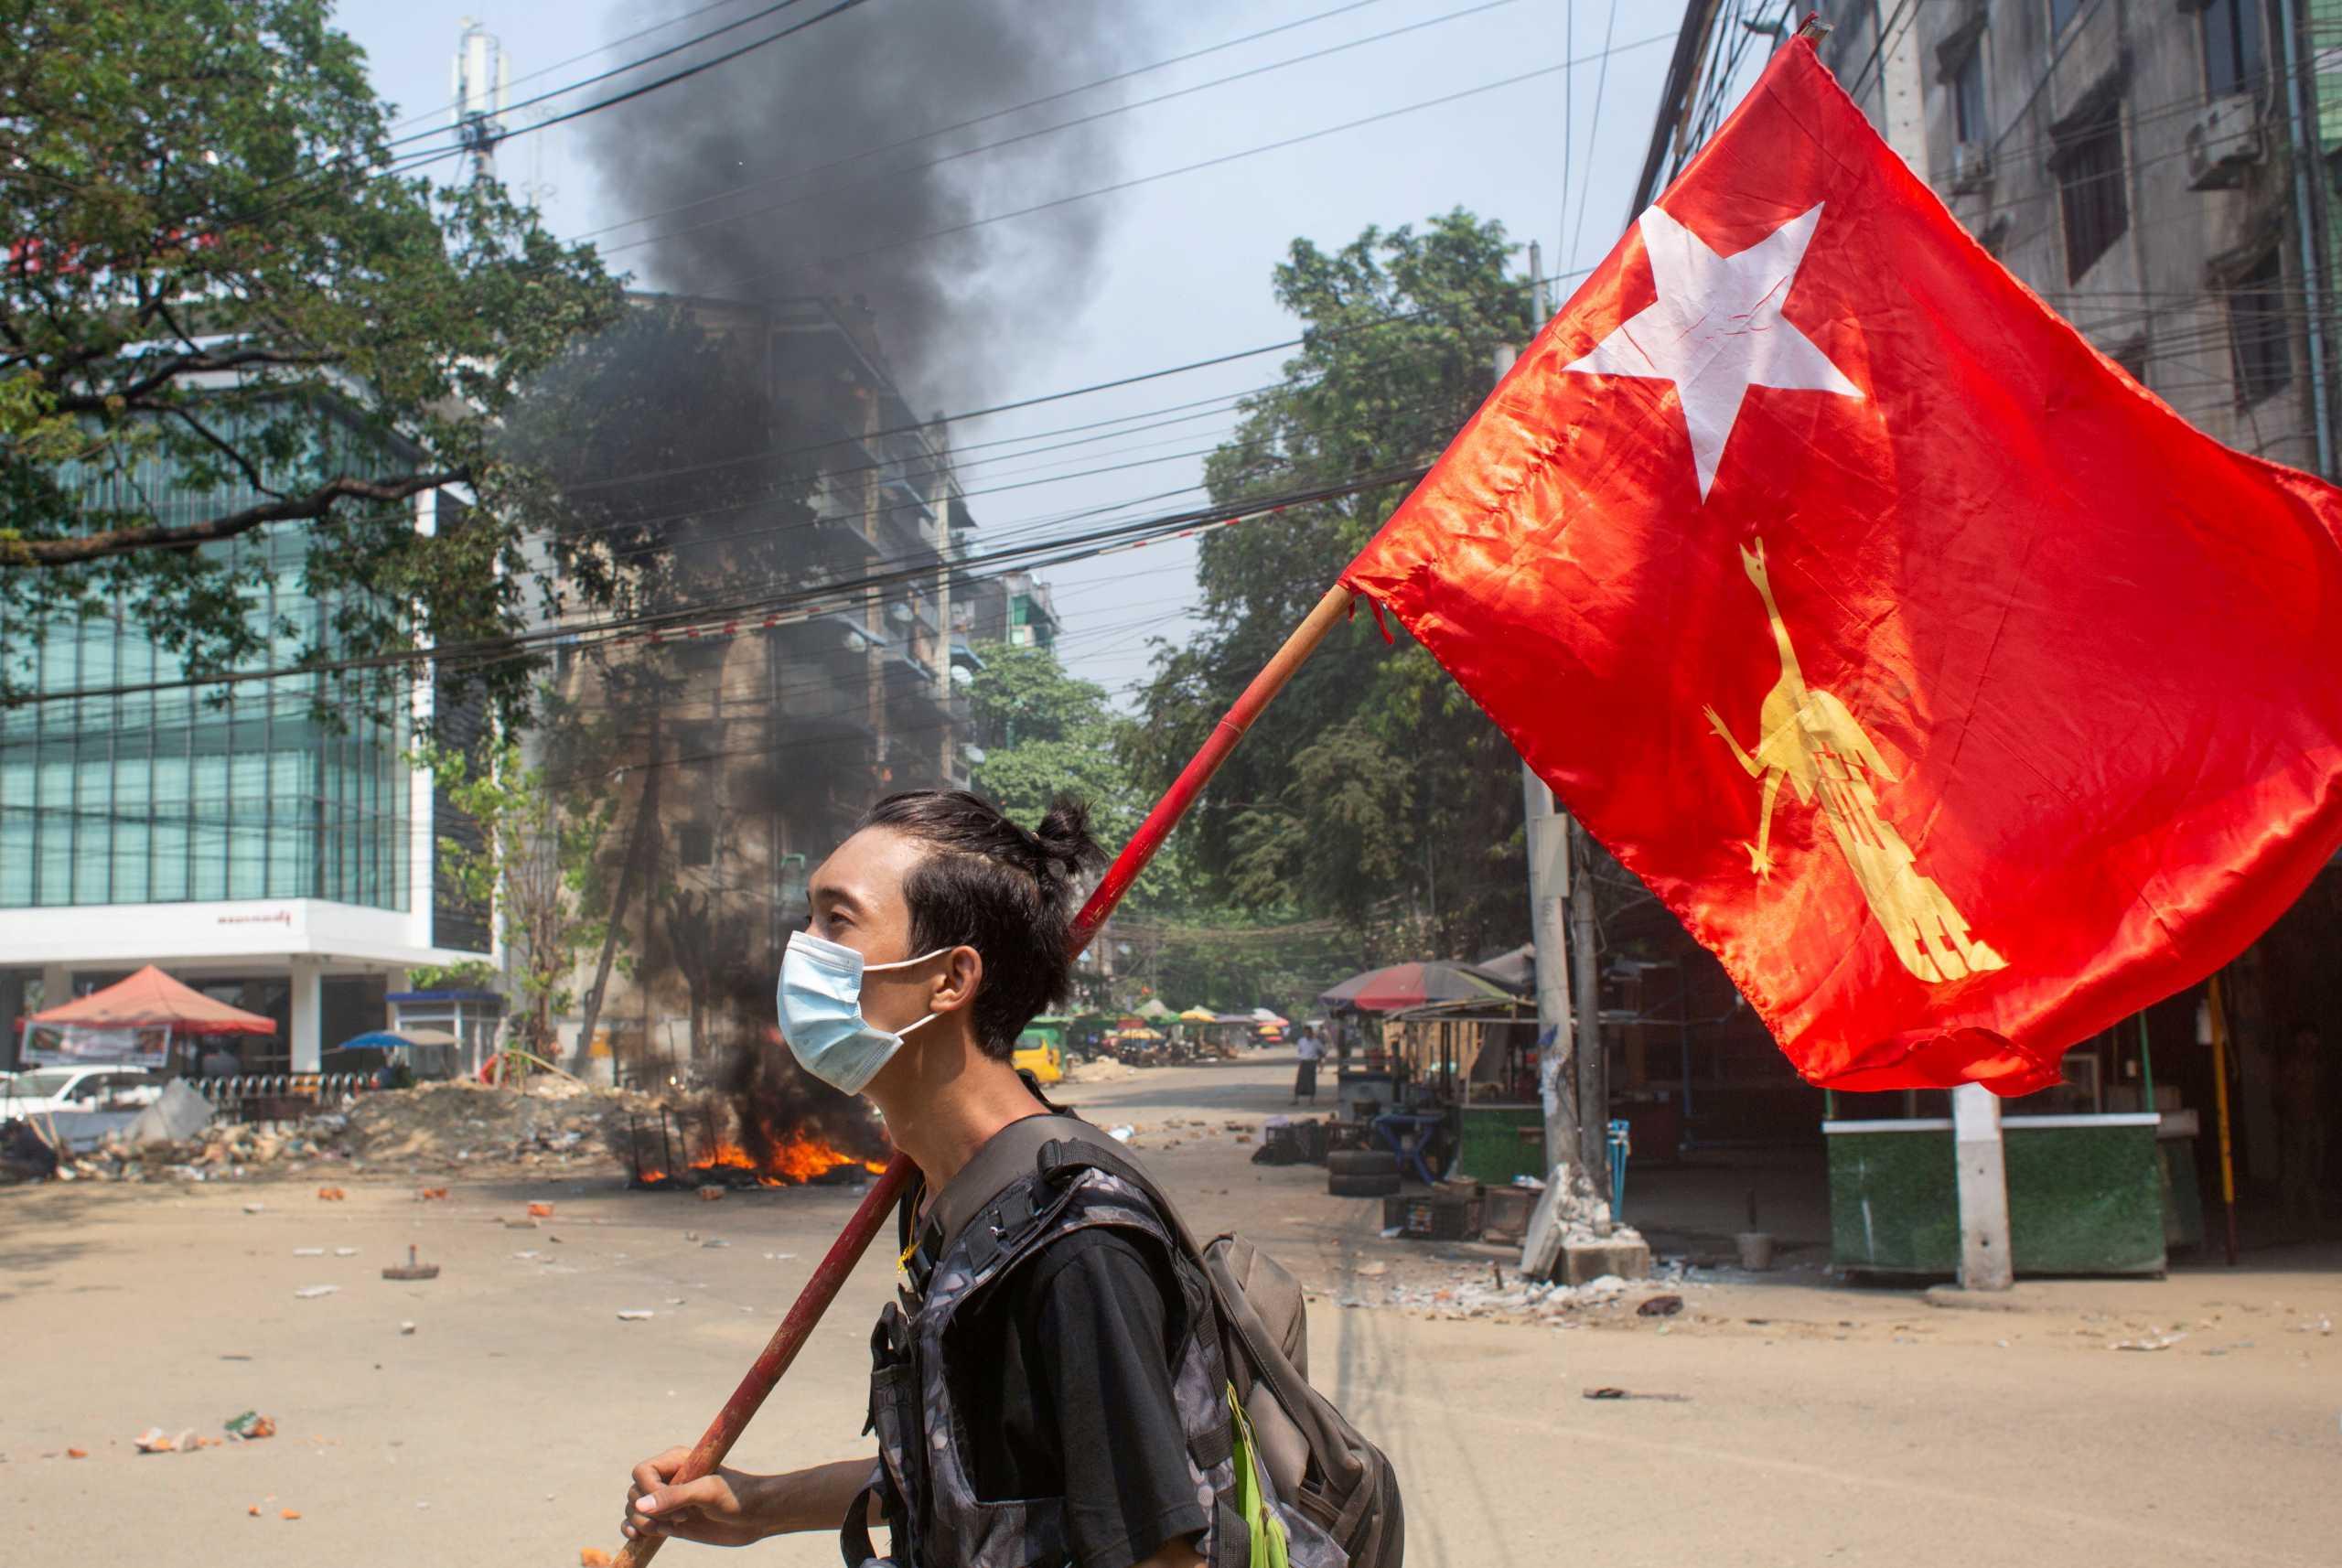 Πραξικόπημα Μιανμάρ: Ο στρατός συνέλαβε 39 ανθρώπους – Κατηγορούνται για σειρά εκρήξεων